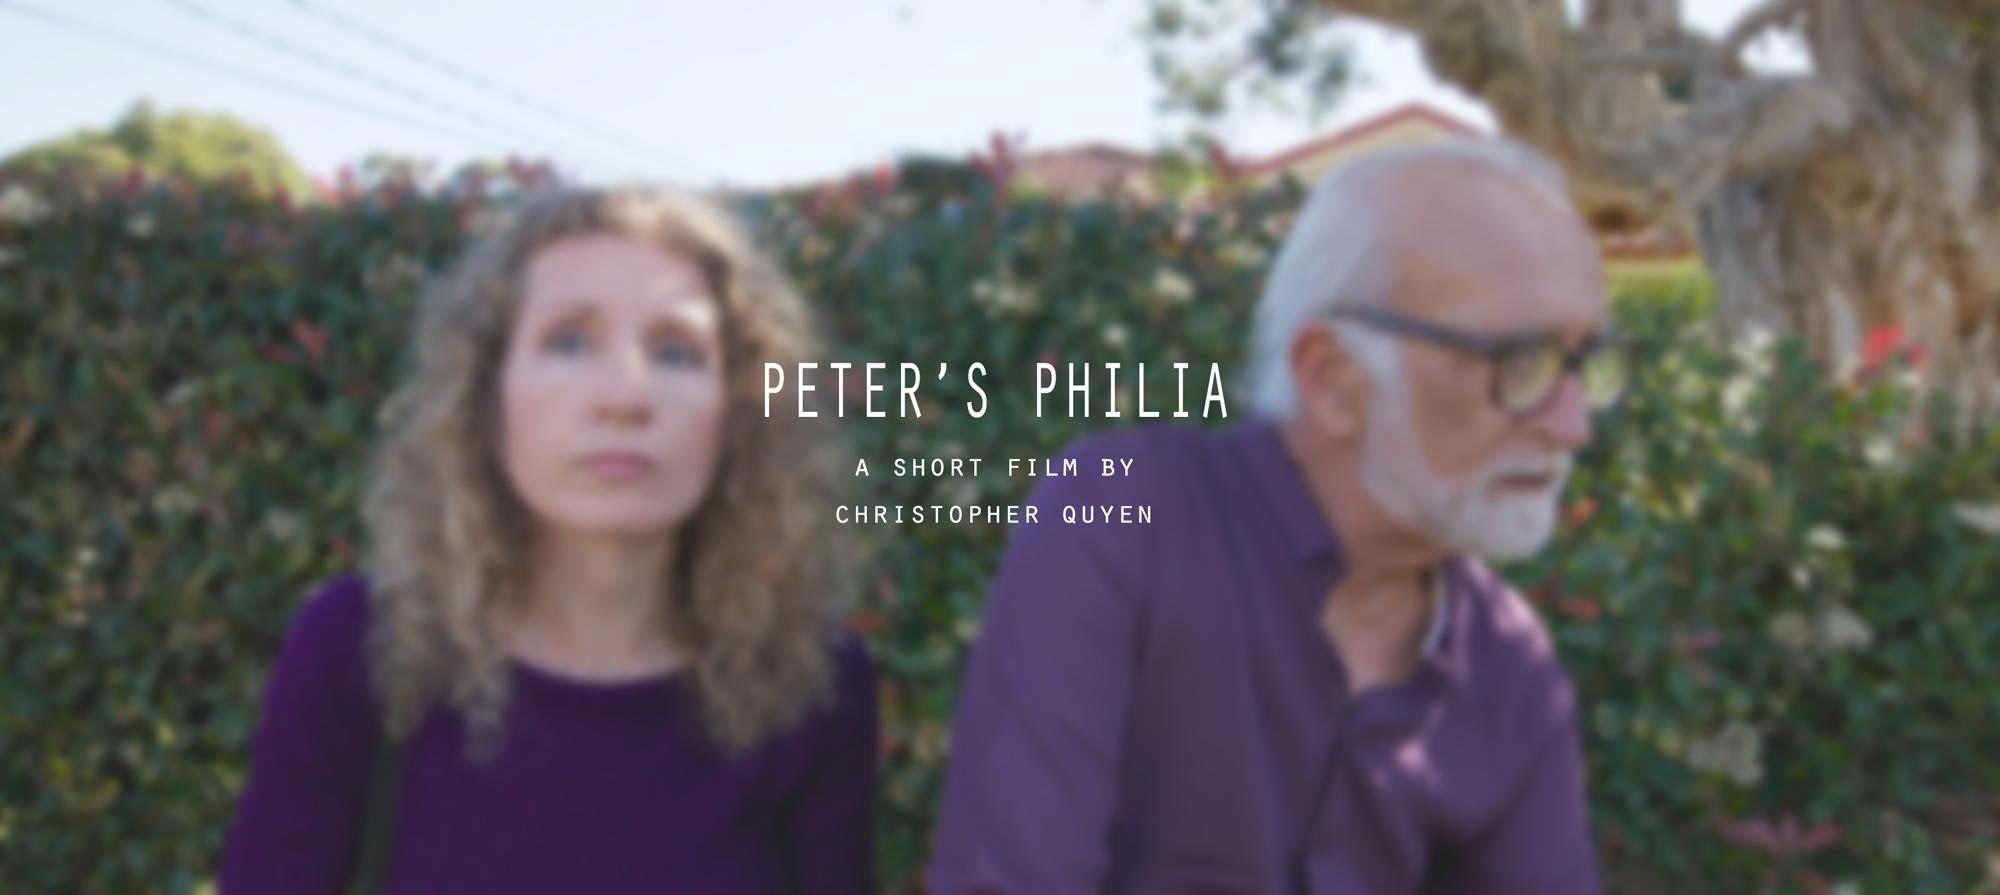 Peter's Philia